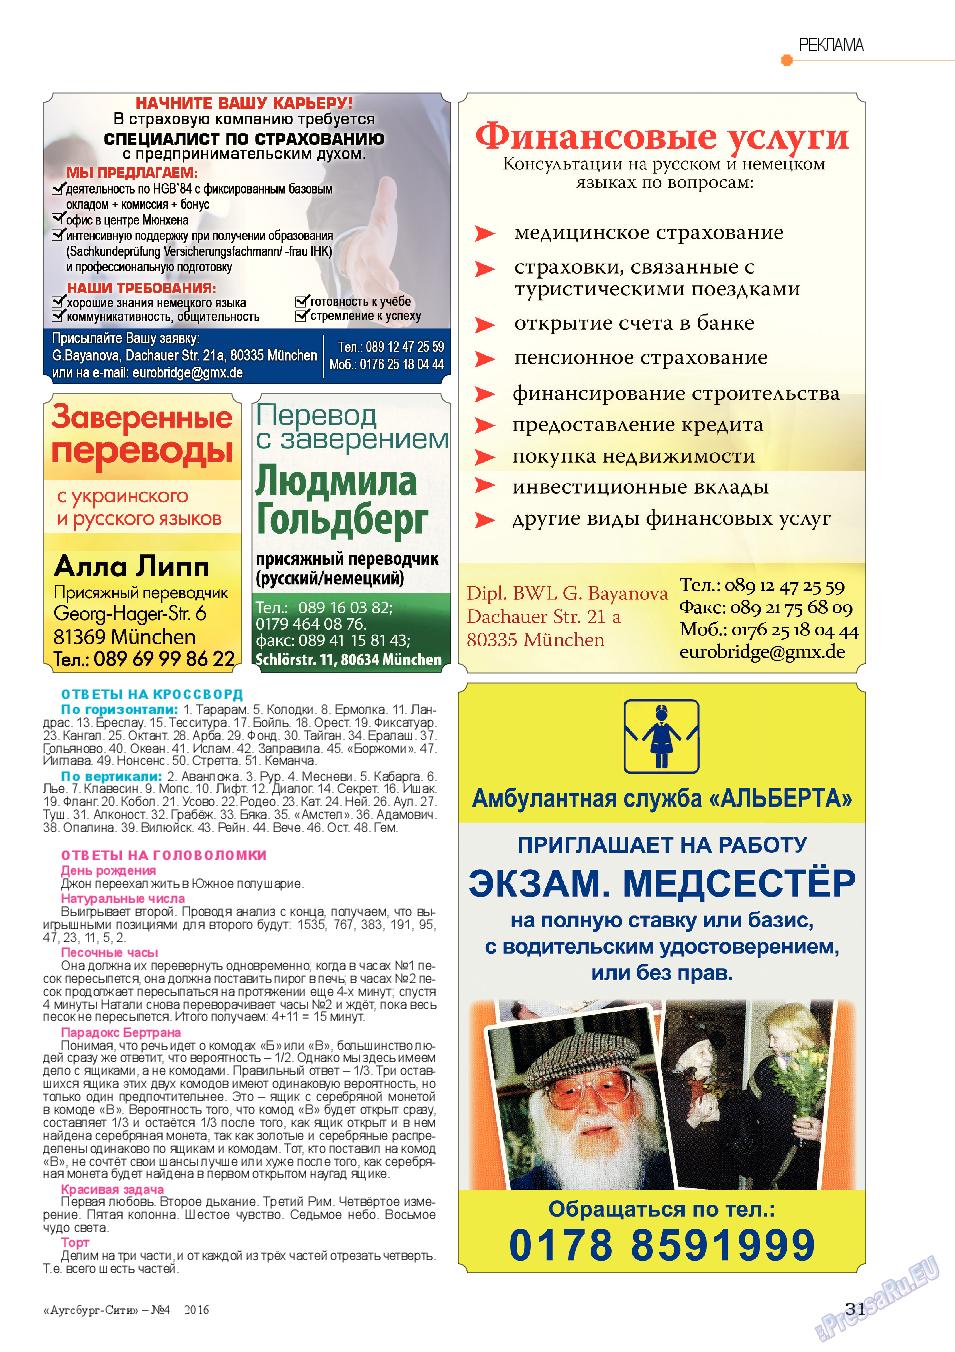 Аугсбург-сити (журнал). 2016 год, номер 4, стр. 31